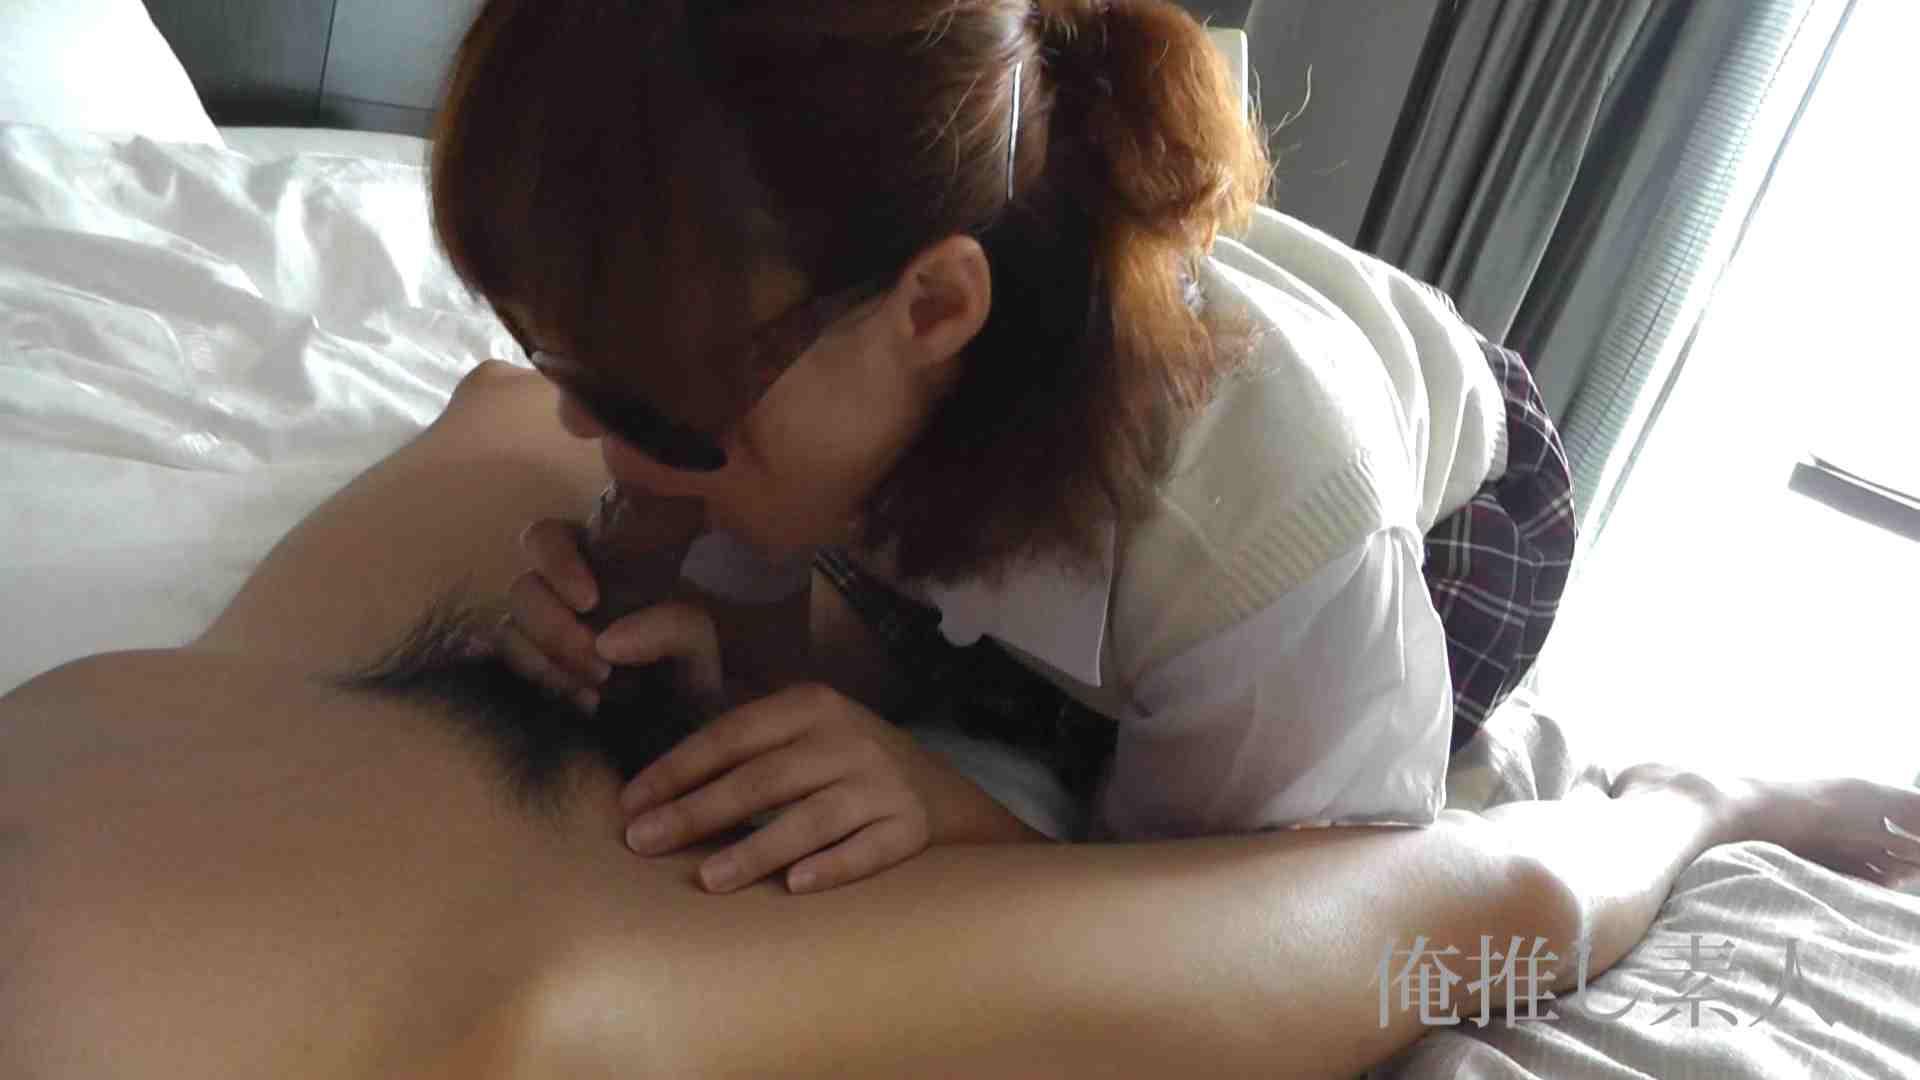 俺推し素人 キャバクラ嬢26歳久美vol6 コスプレ | 素人  77pic 42